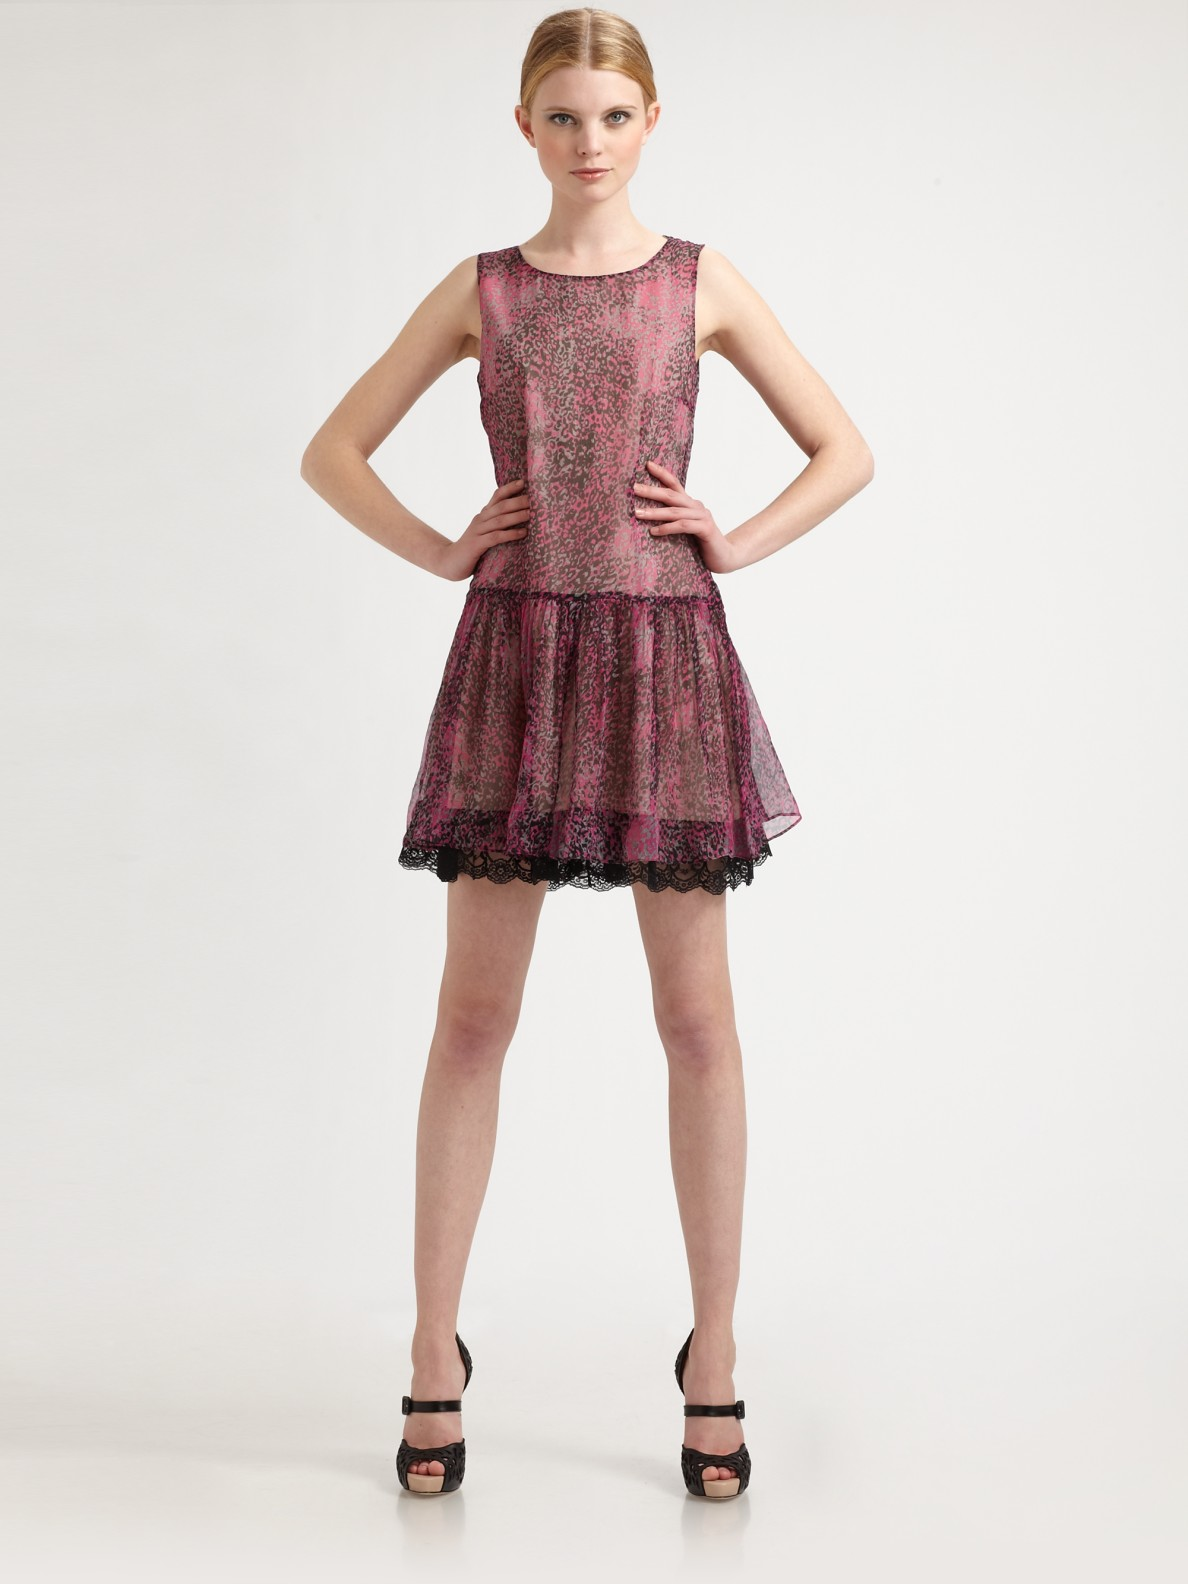 59f0dddb0307 RED Valentino Leopard Print Silk Dress in Pink - Lyst